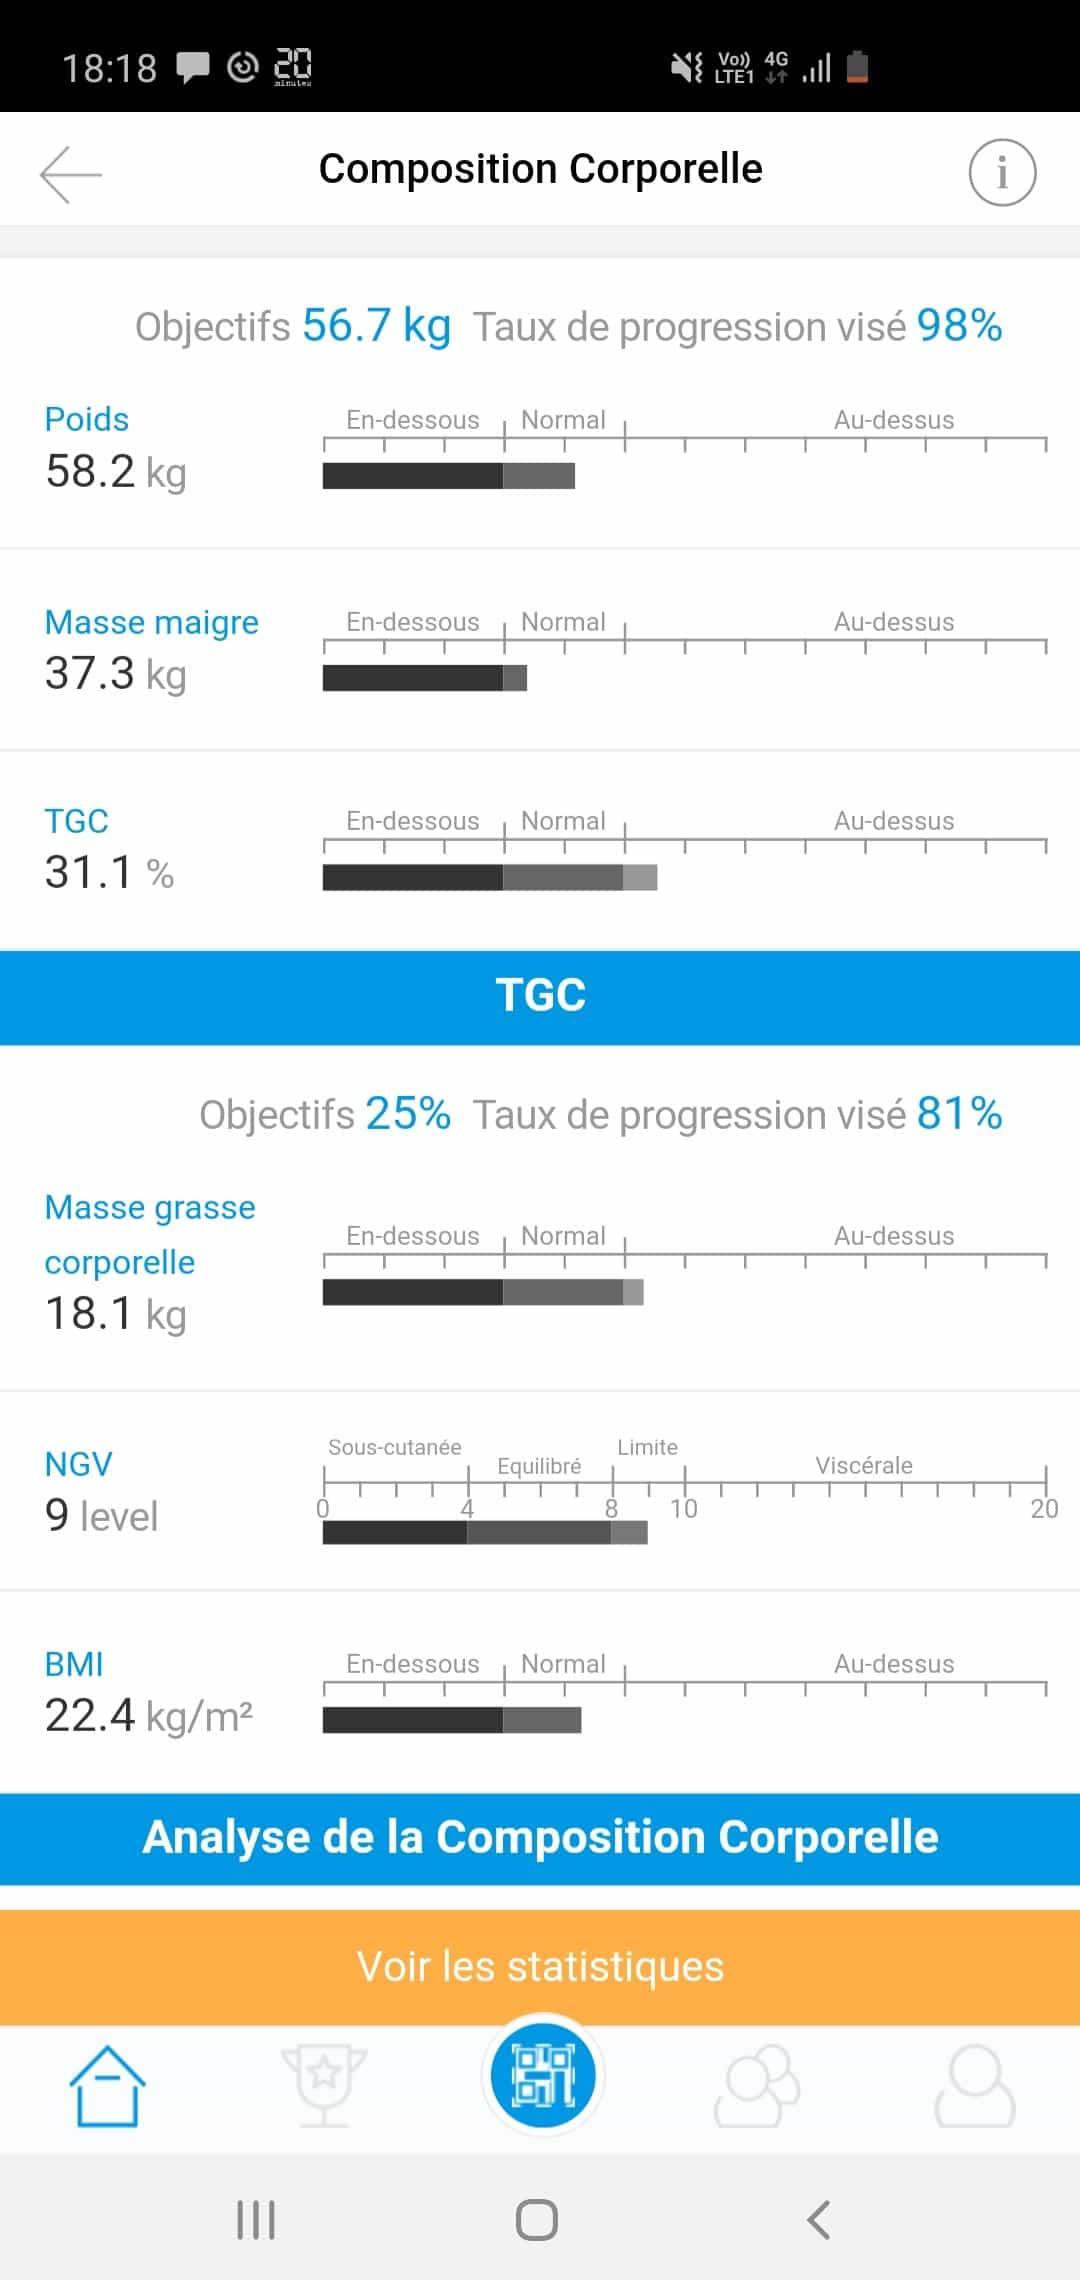 écran de l'application ACCUNIQ montrant les valeurs de la composition corporelle